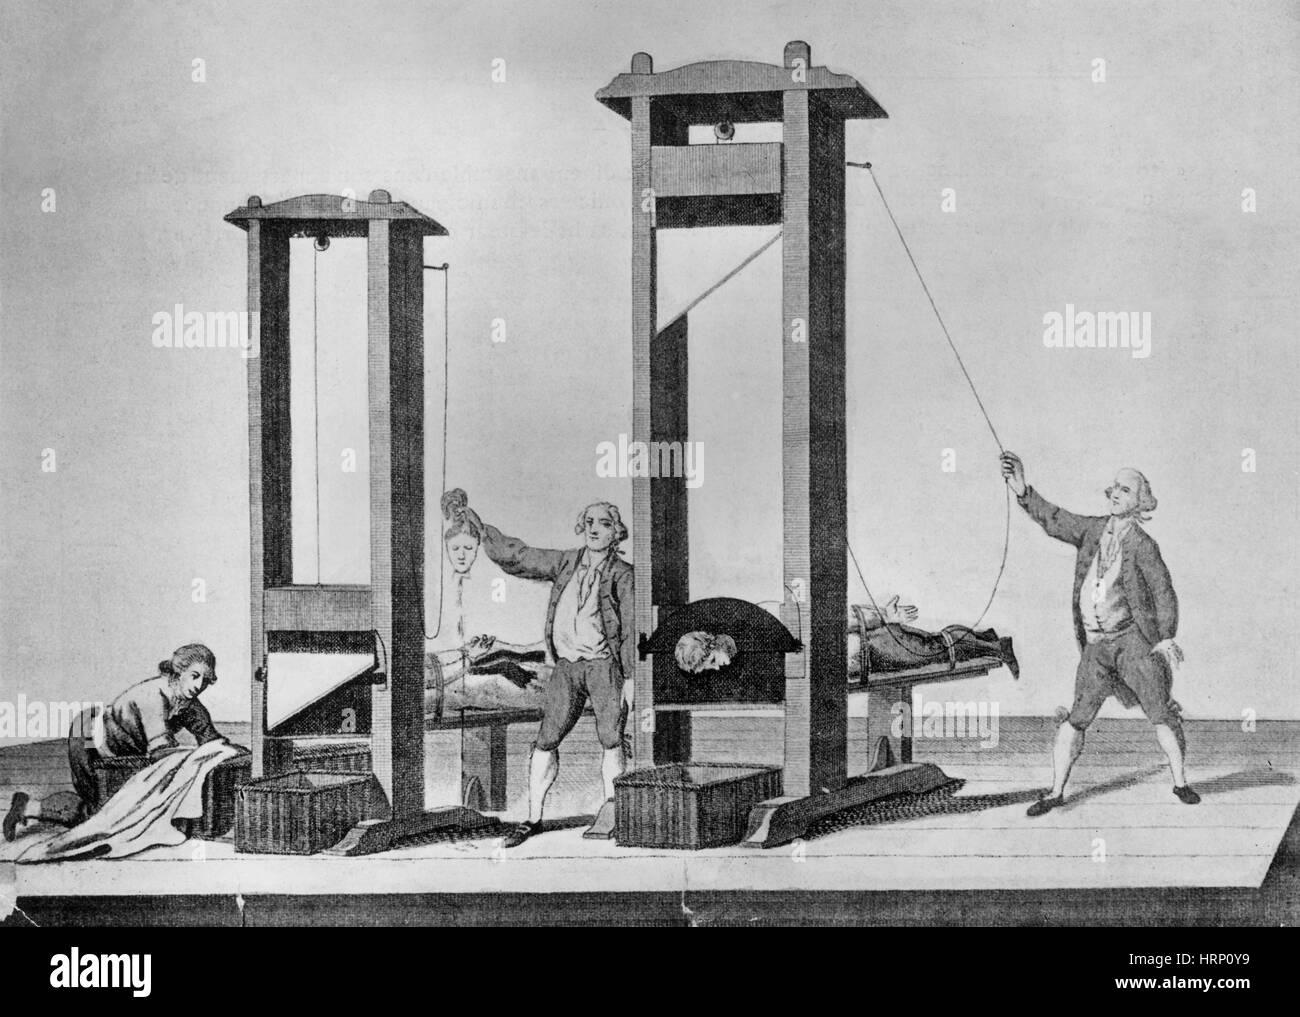 Französische Revolution, Guillotine, 18. Jahrhundert Stockbild